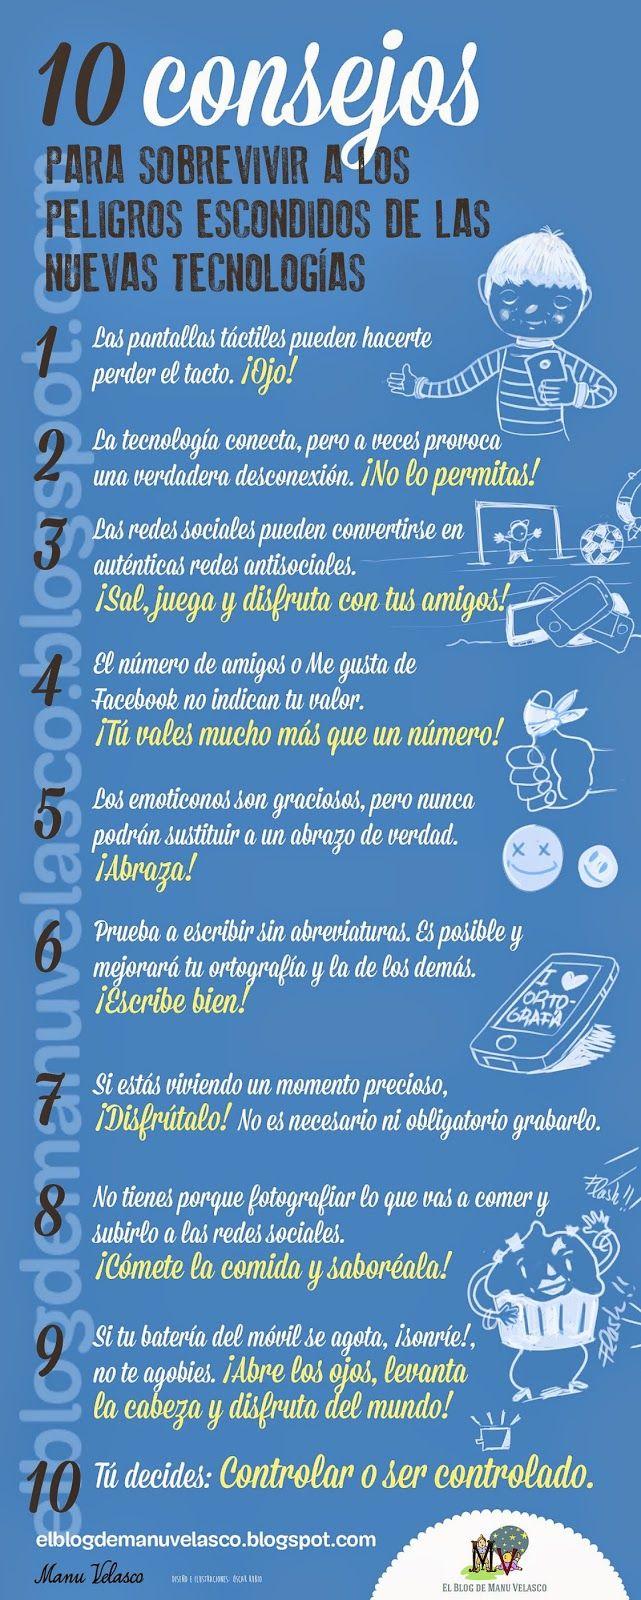 Una infografía con 10 consejos para sobrevivir a los peligros de las Nuevas Tecnologías.